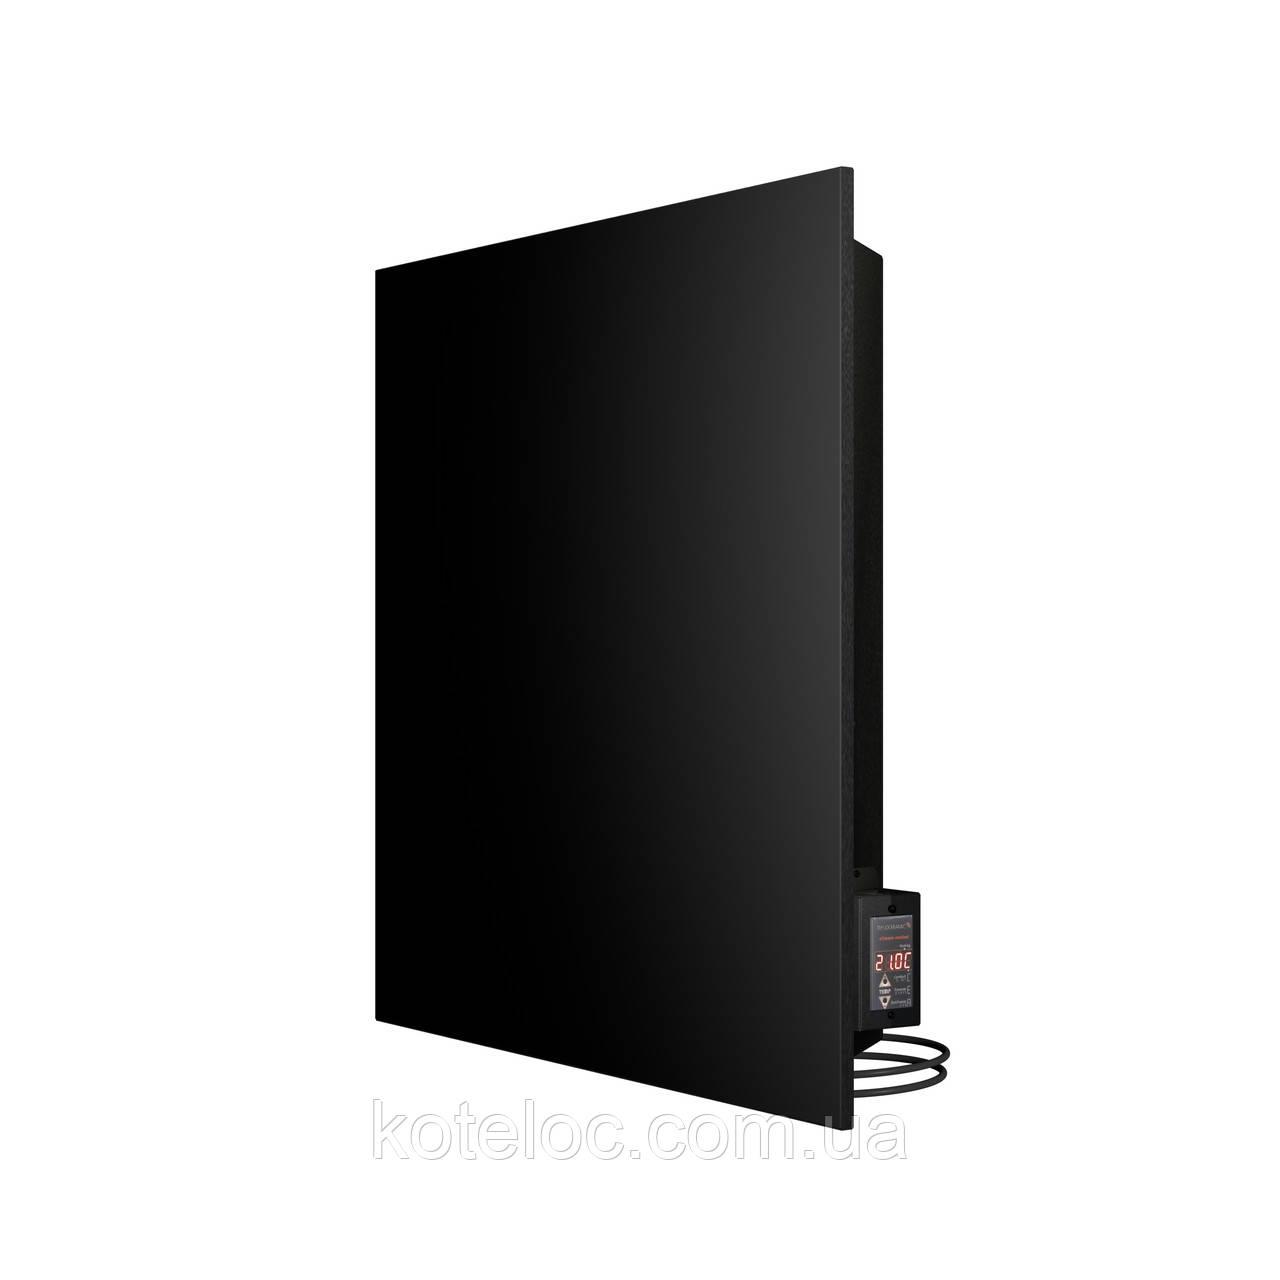 Керамическая панель TC500C (Black)